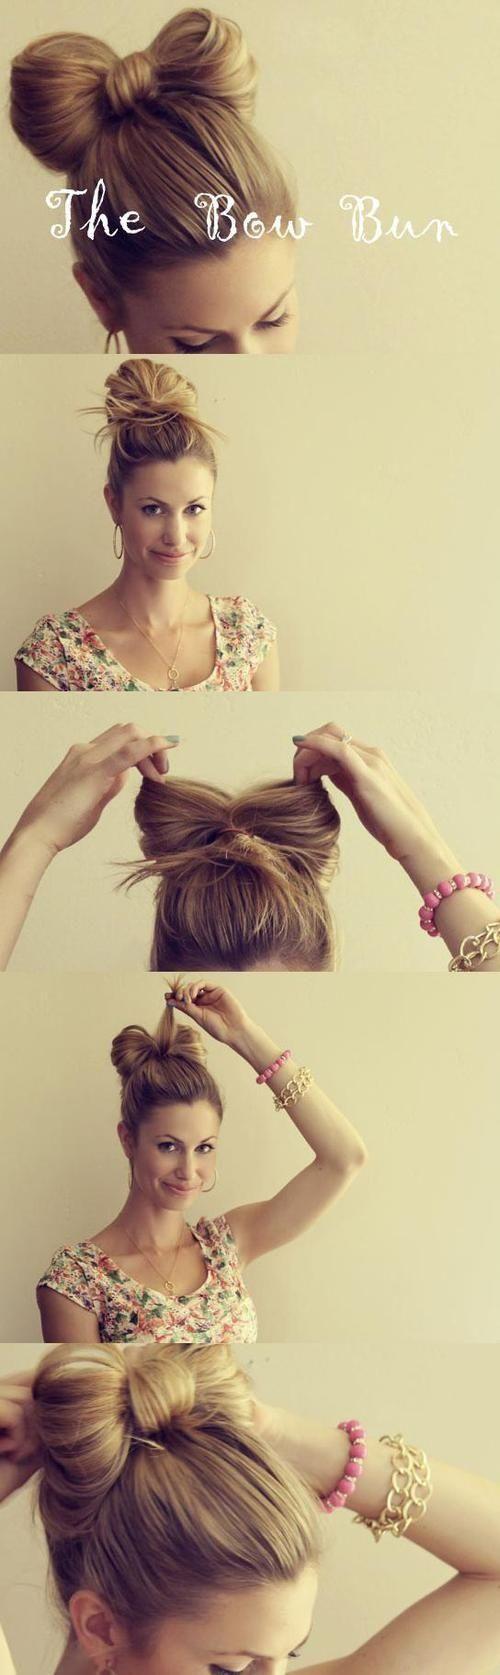 bow bun :)